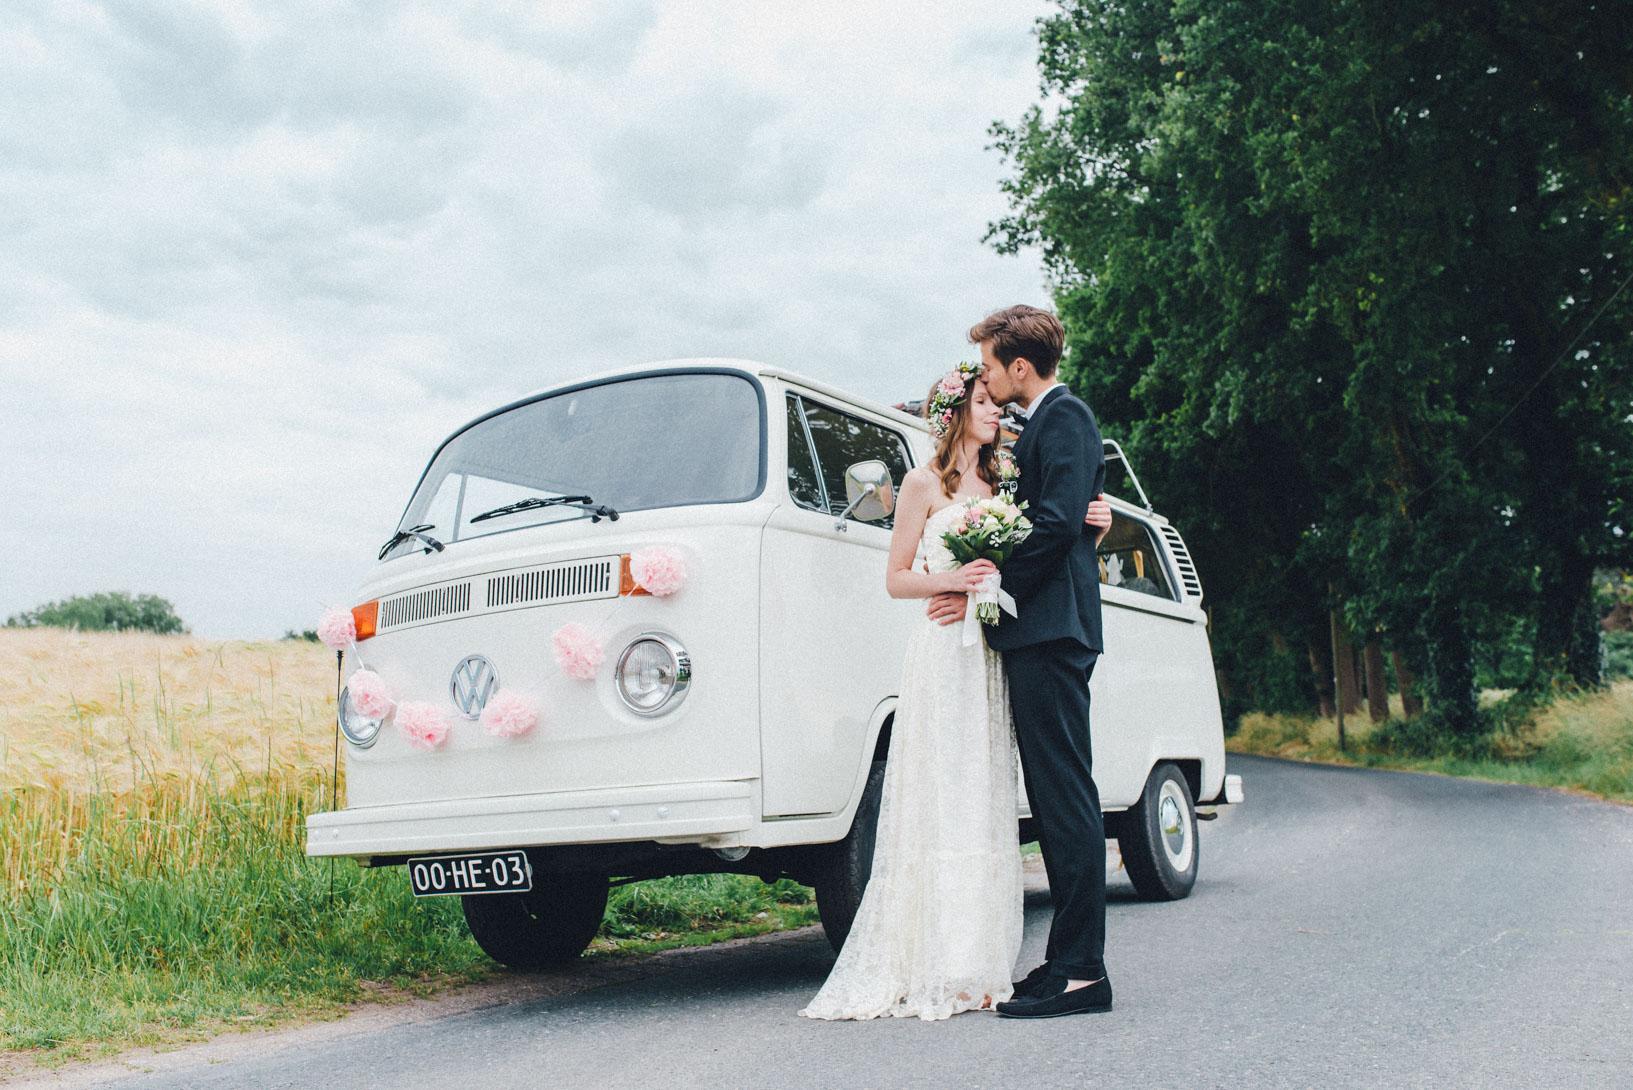 DIY-Hochzeit-gold-VW-Bully-101 Janet & Pierre DIY Midsummer-Wedding in Gold mit VW BulliDIY Hochzeit gold VW Bully 101